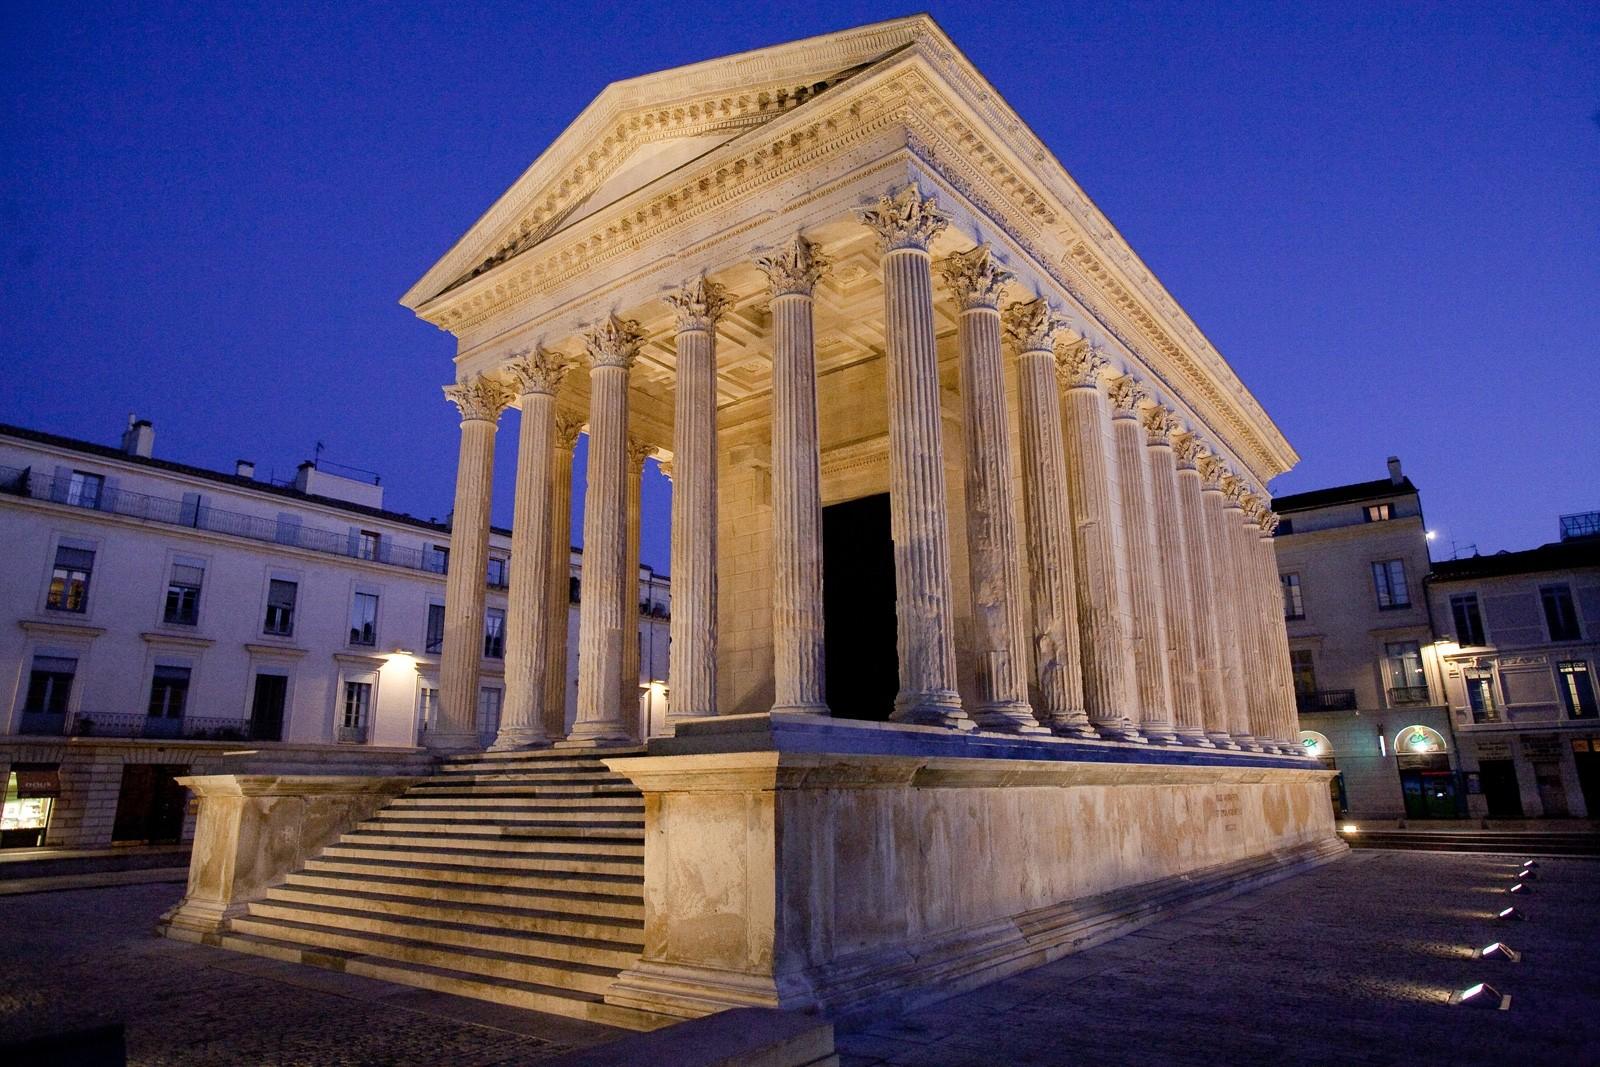 Maison Carrée de Nîmes